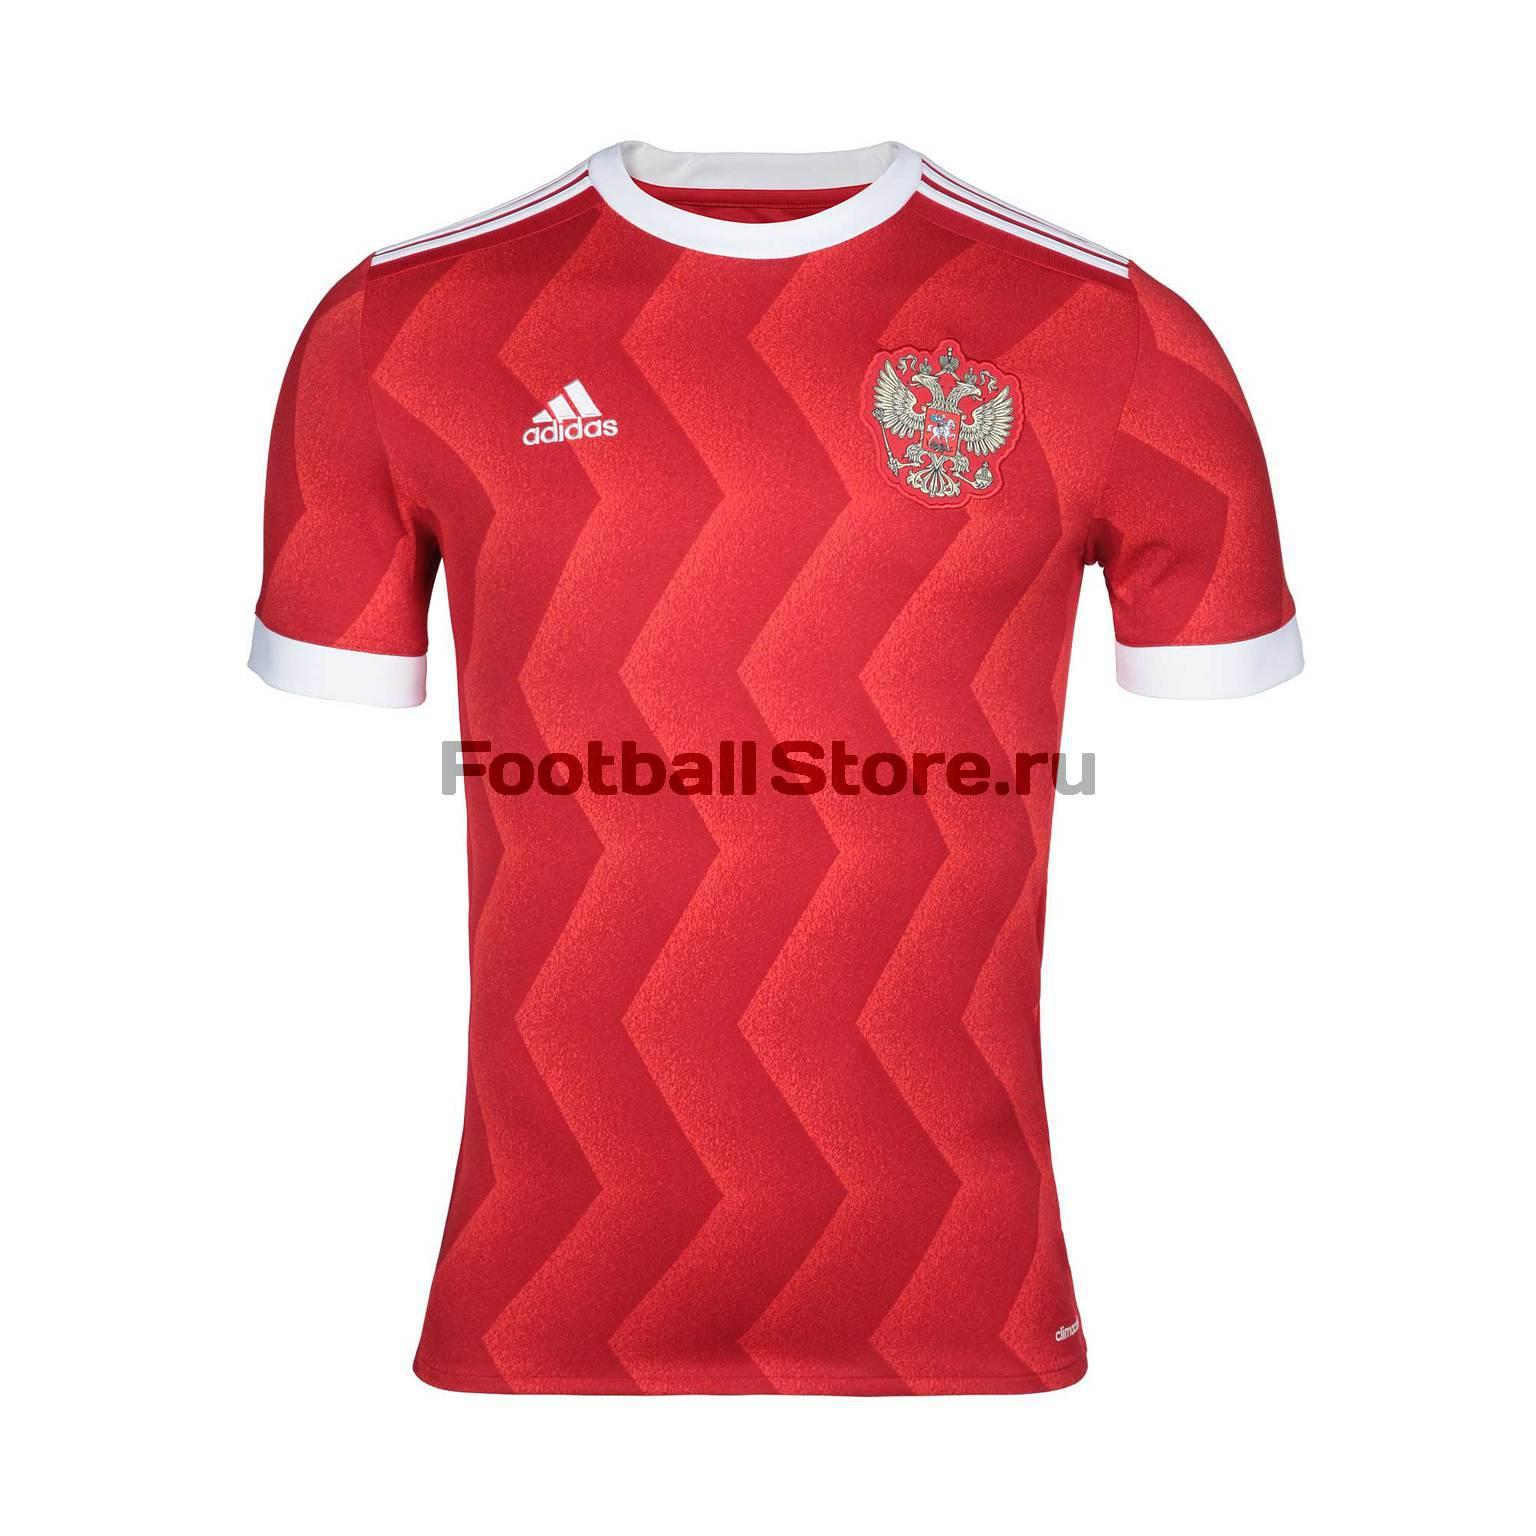 Russia Adidas Игровая футболка Adidas сборной России JSY BR6593 сцепление део матиз в челябинске